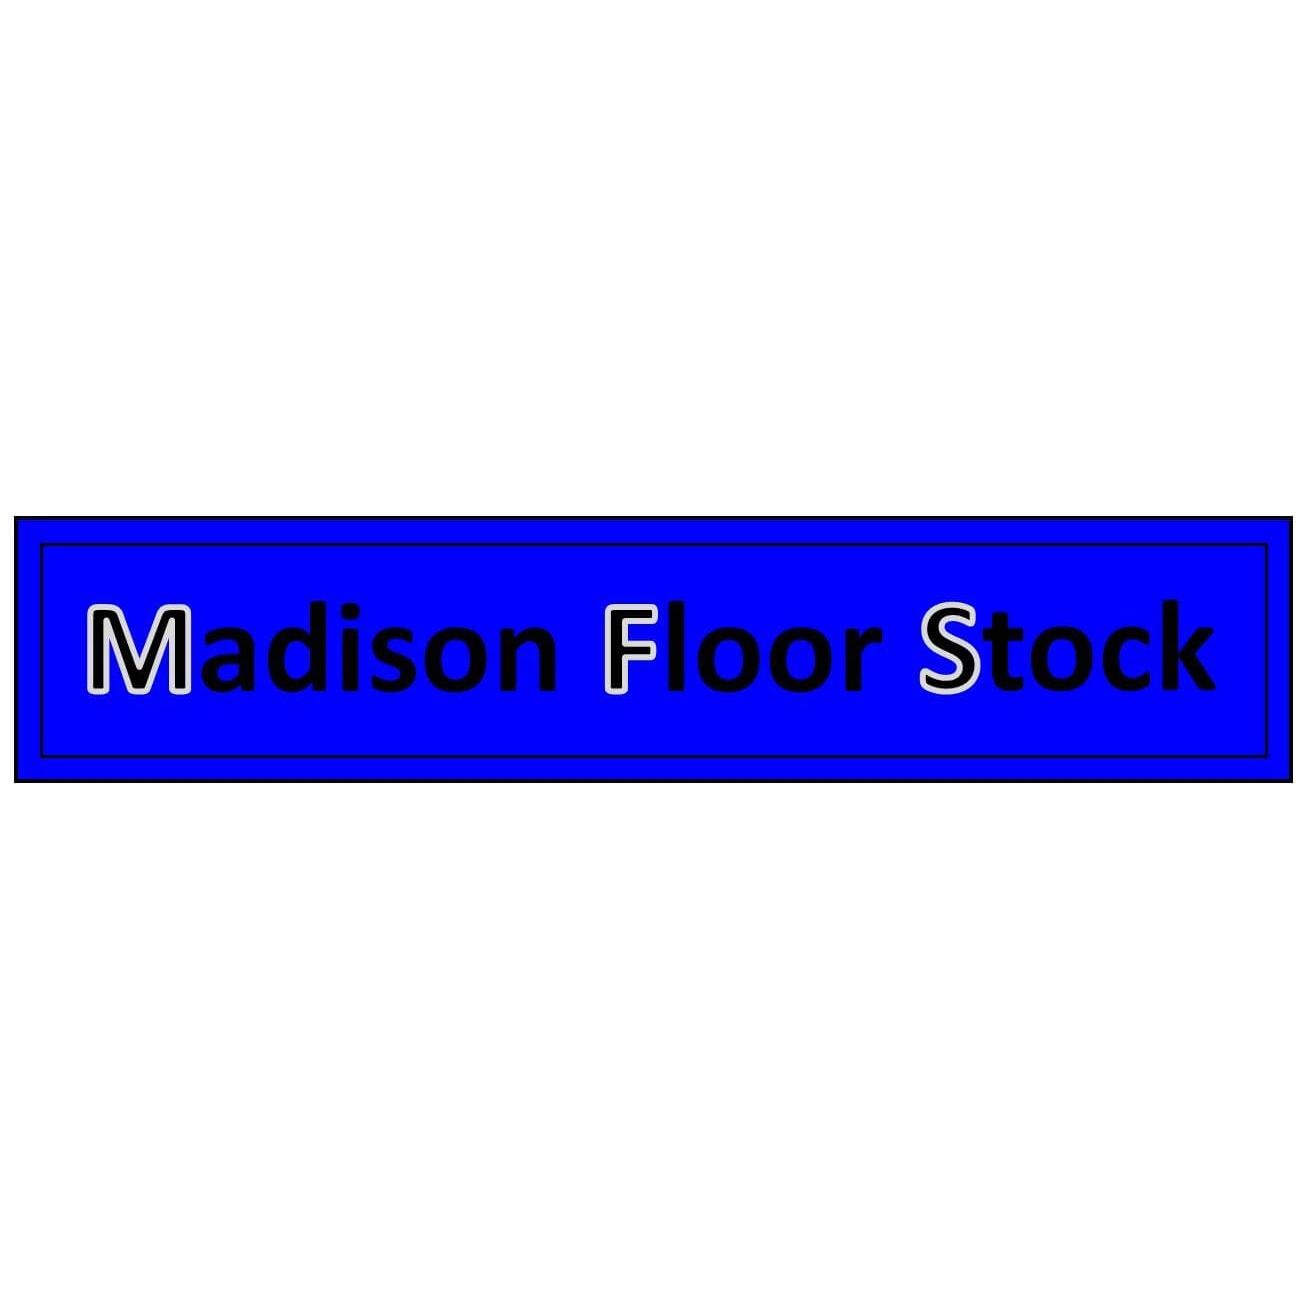 Madison Floor Stock